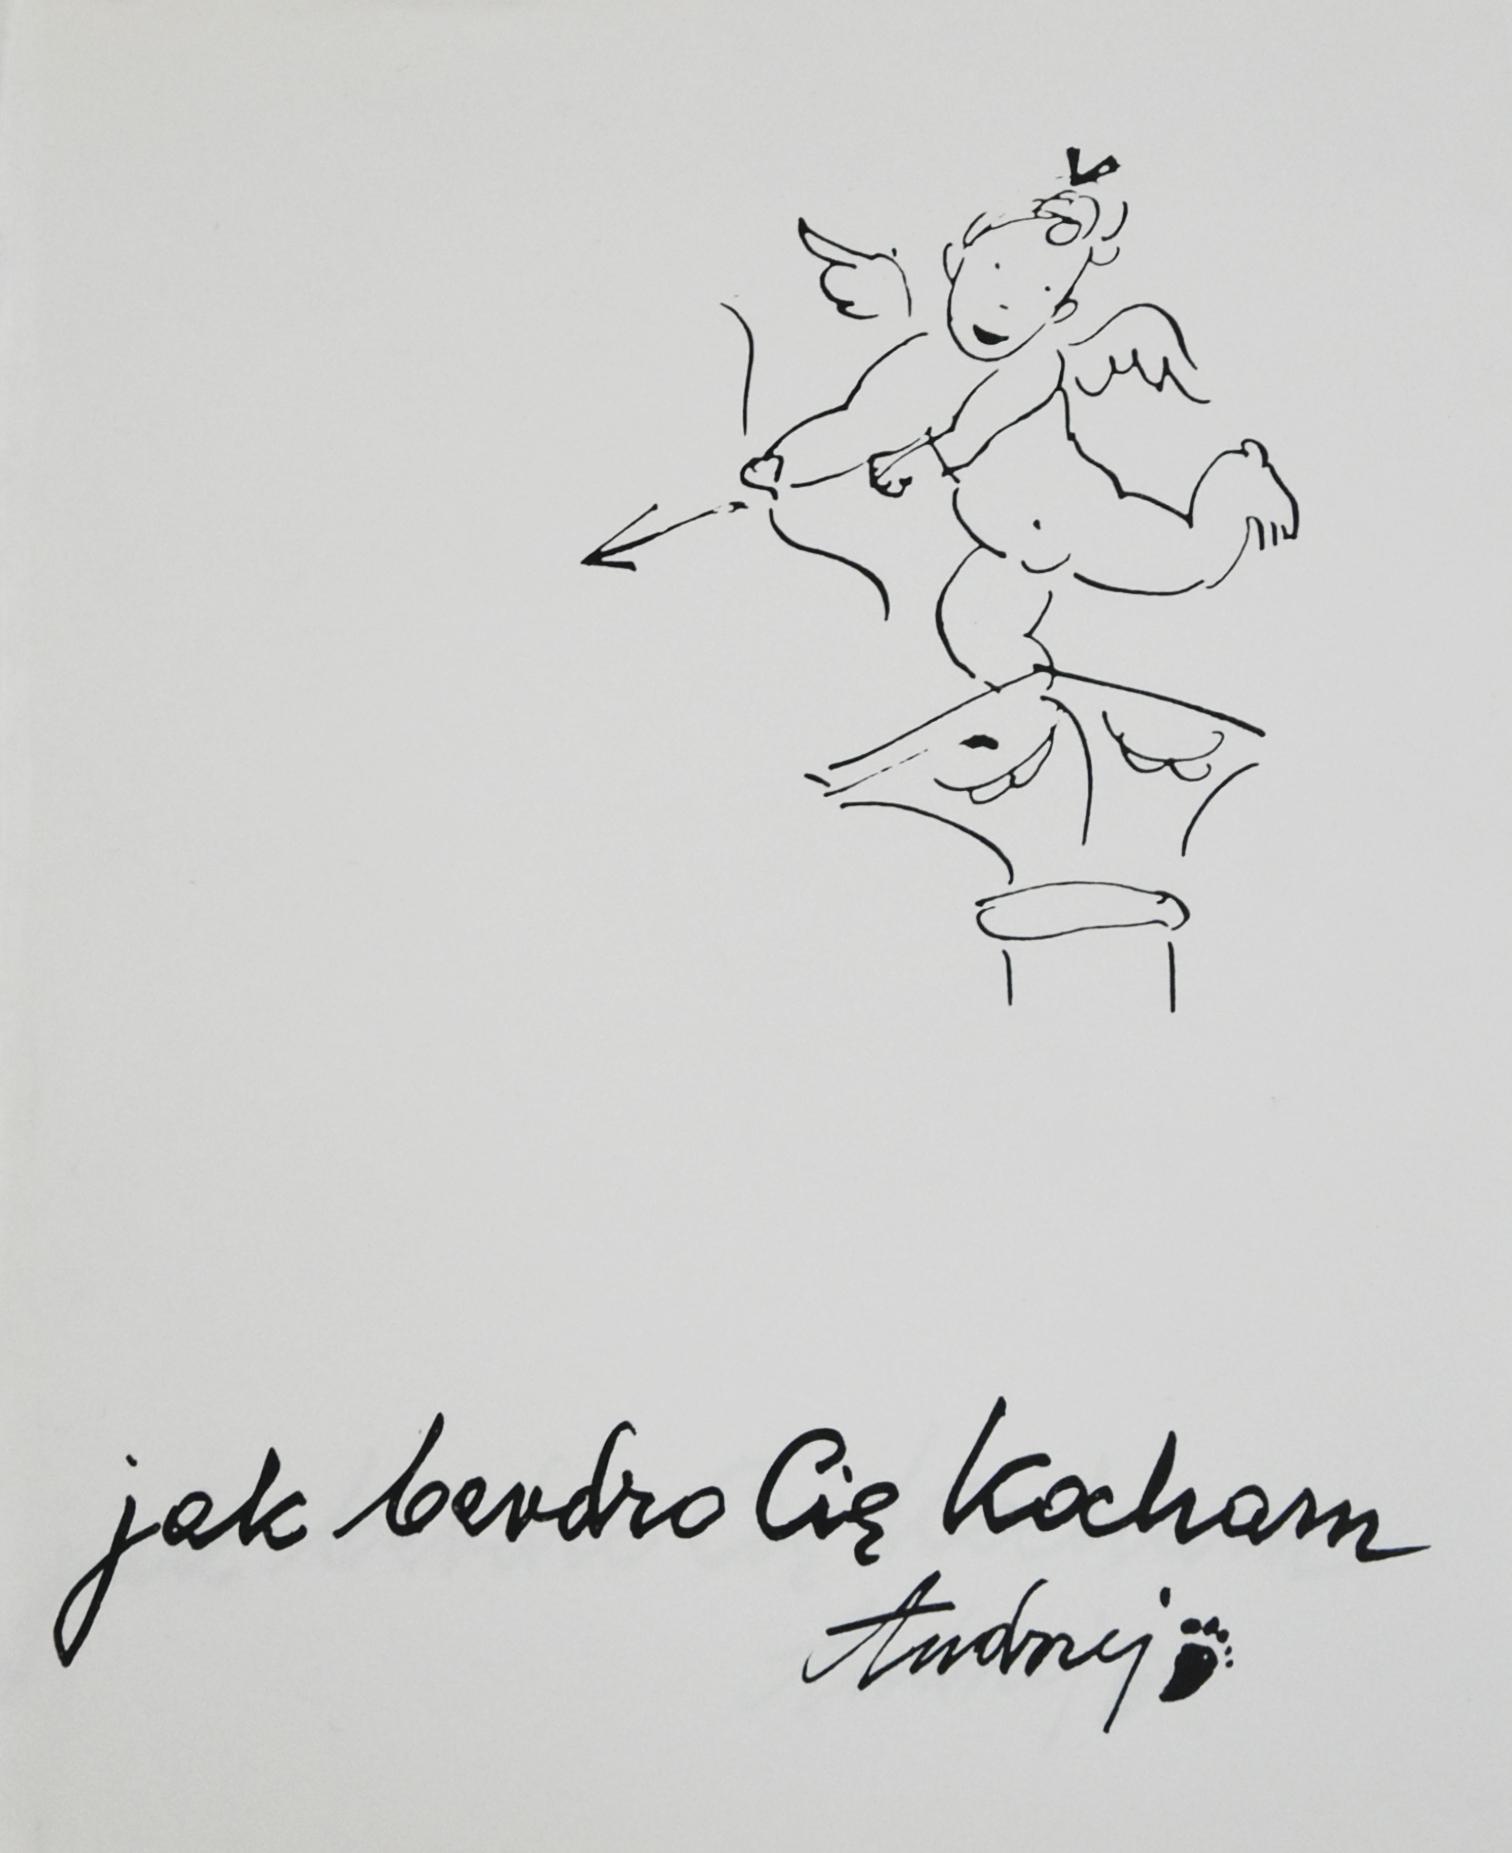 """Książka """"Jak bardzo Cię kocham"""" z czterema oryginalnymi pracami"""